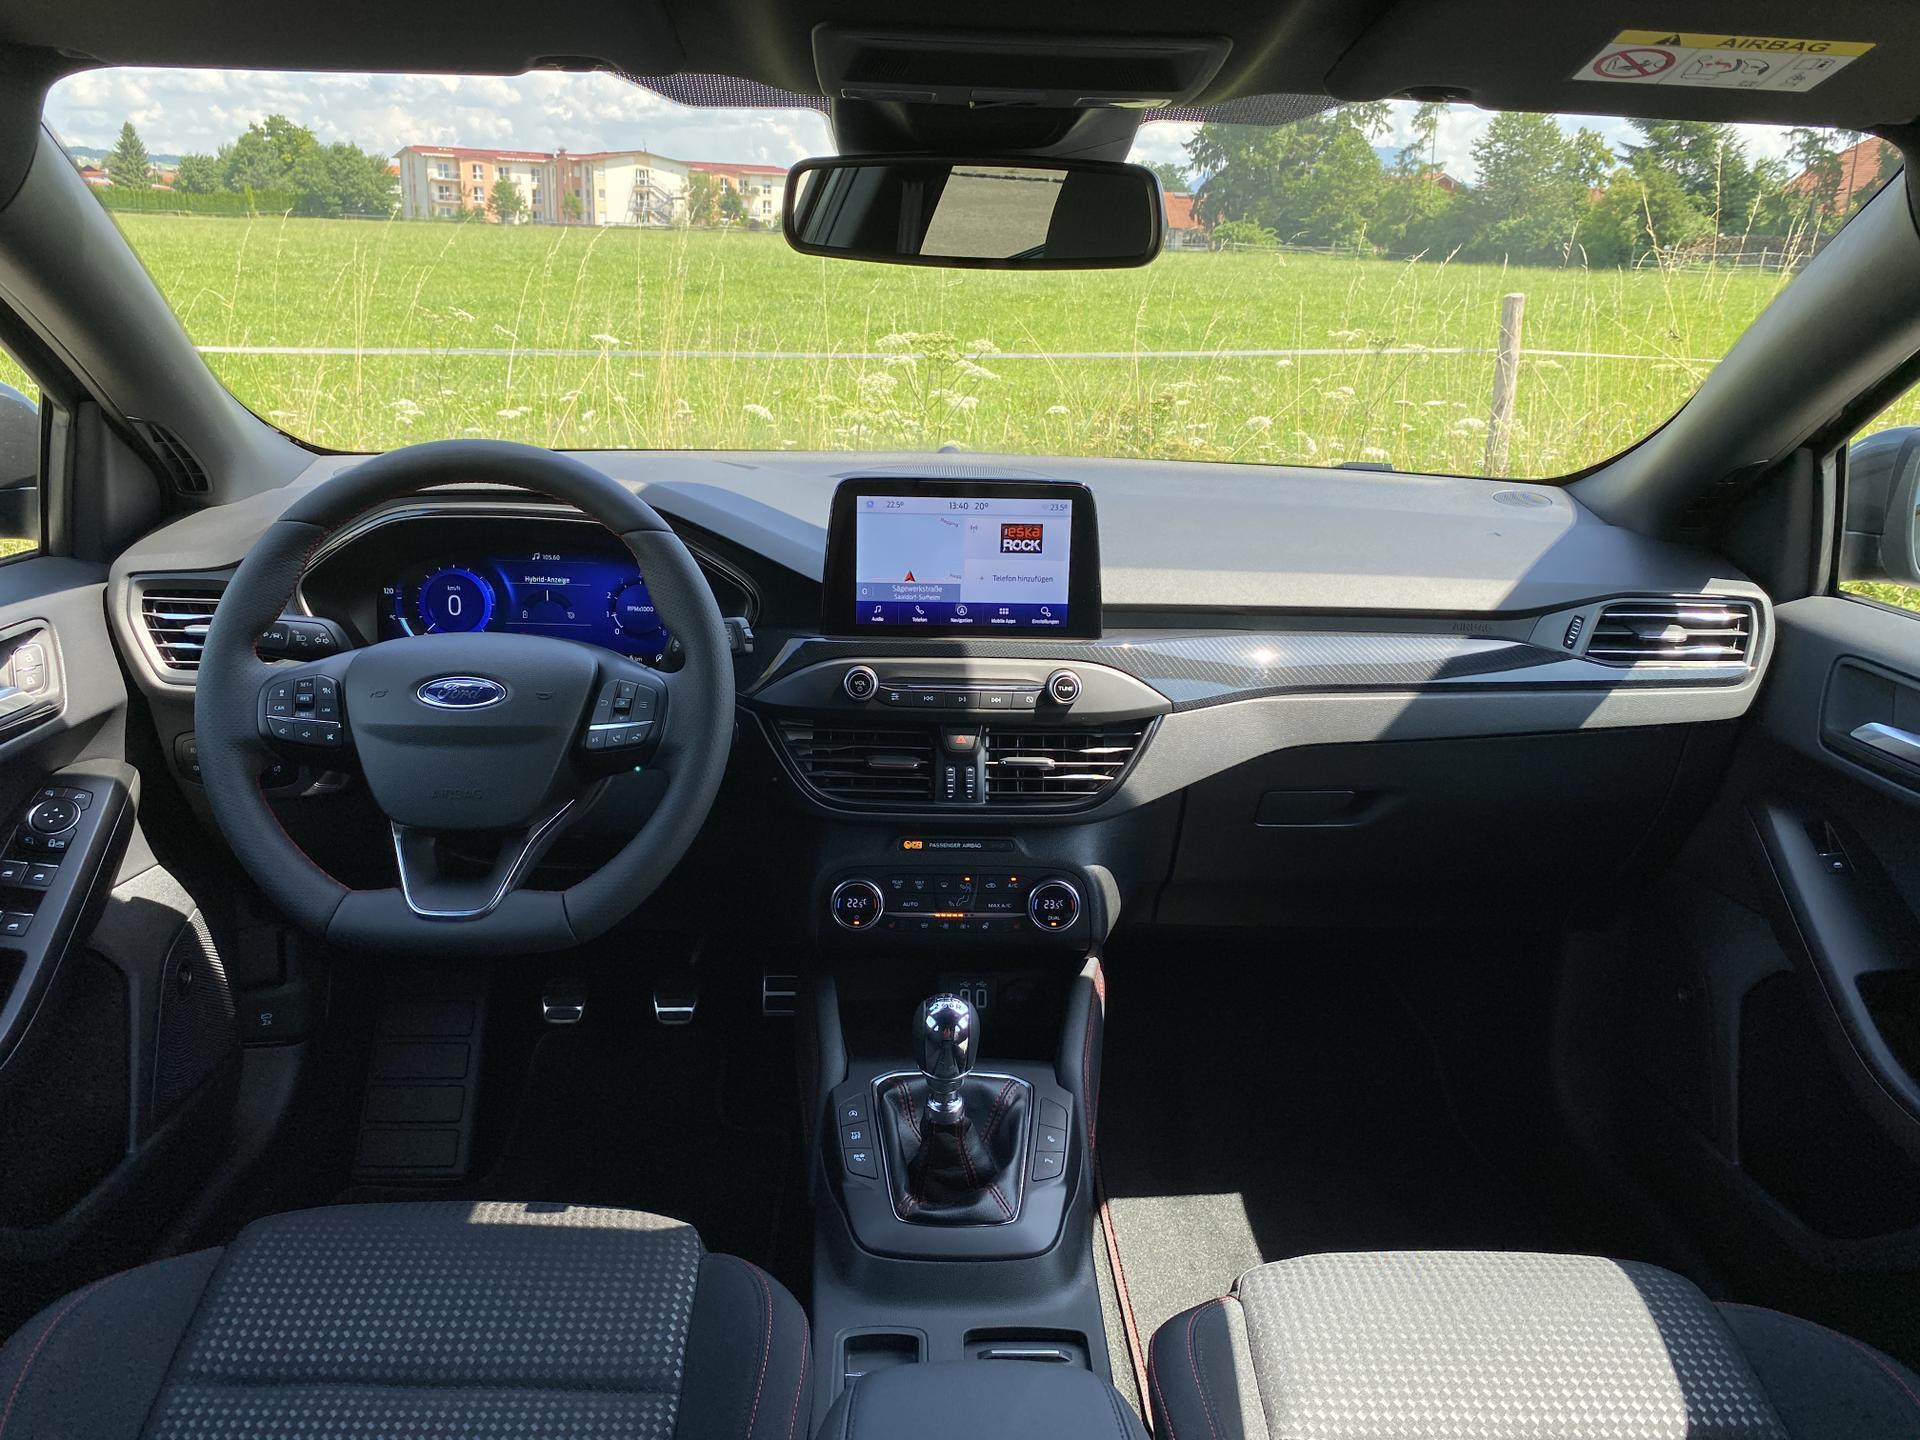 Ford Focus Turnier Innenraum Highlights